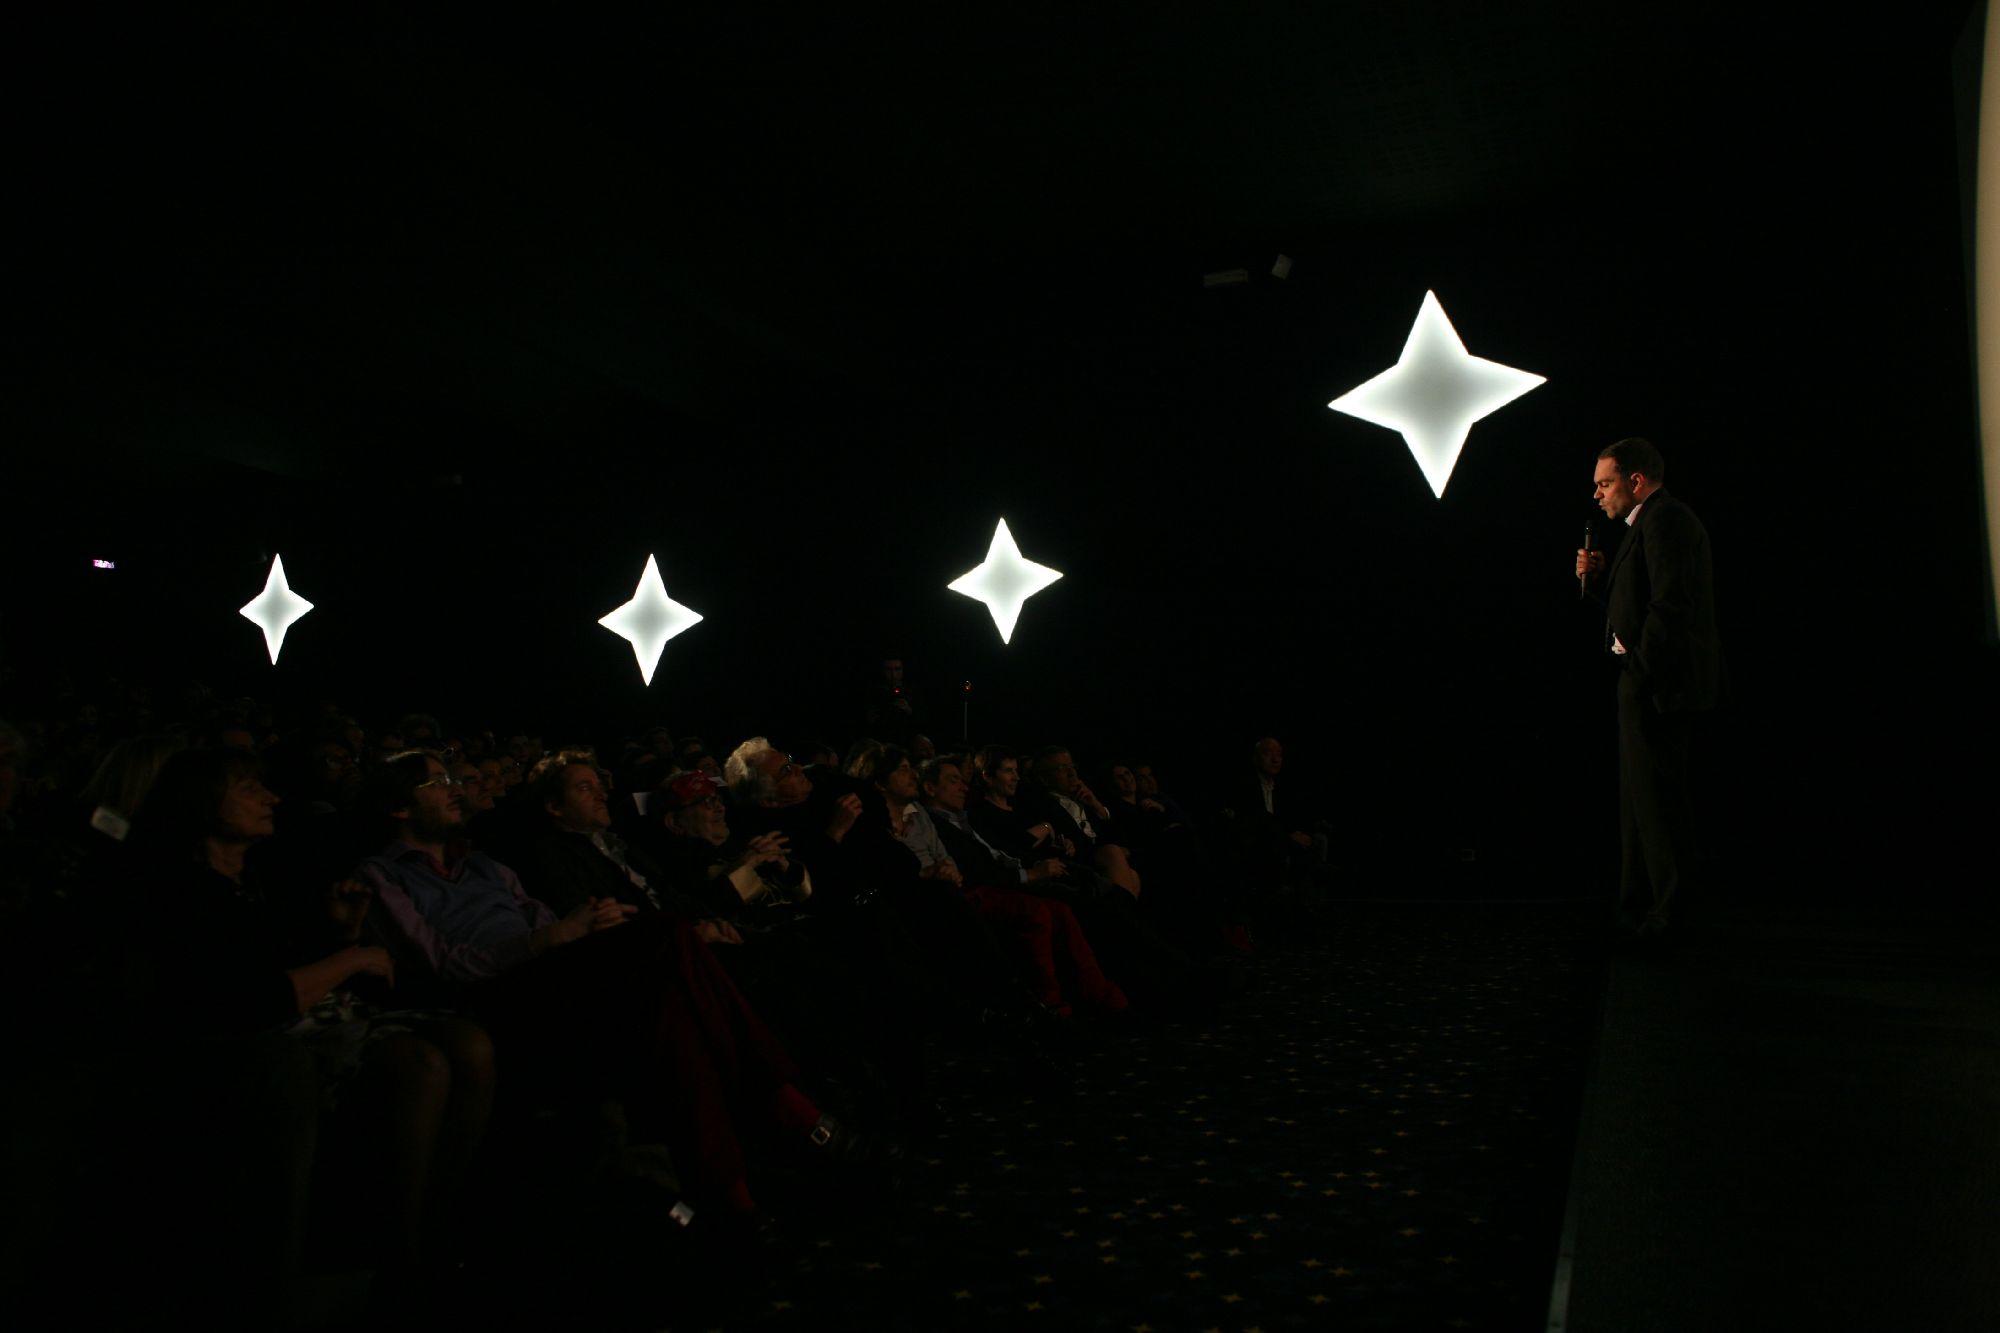 soiree-de-remise-de-prix-animee-par_Yann-Moix_president-du jury-de-l-annee-2012